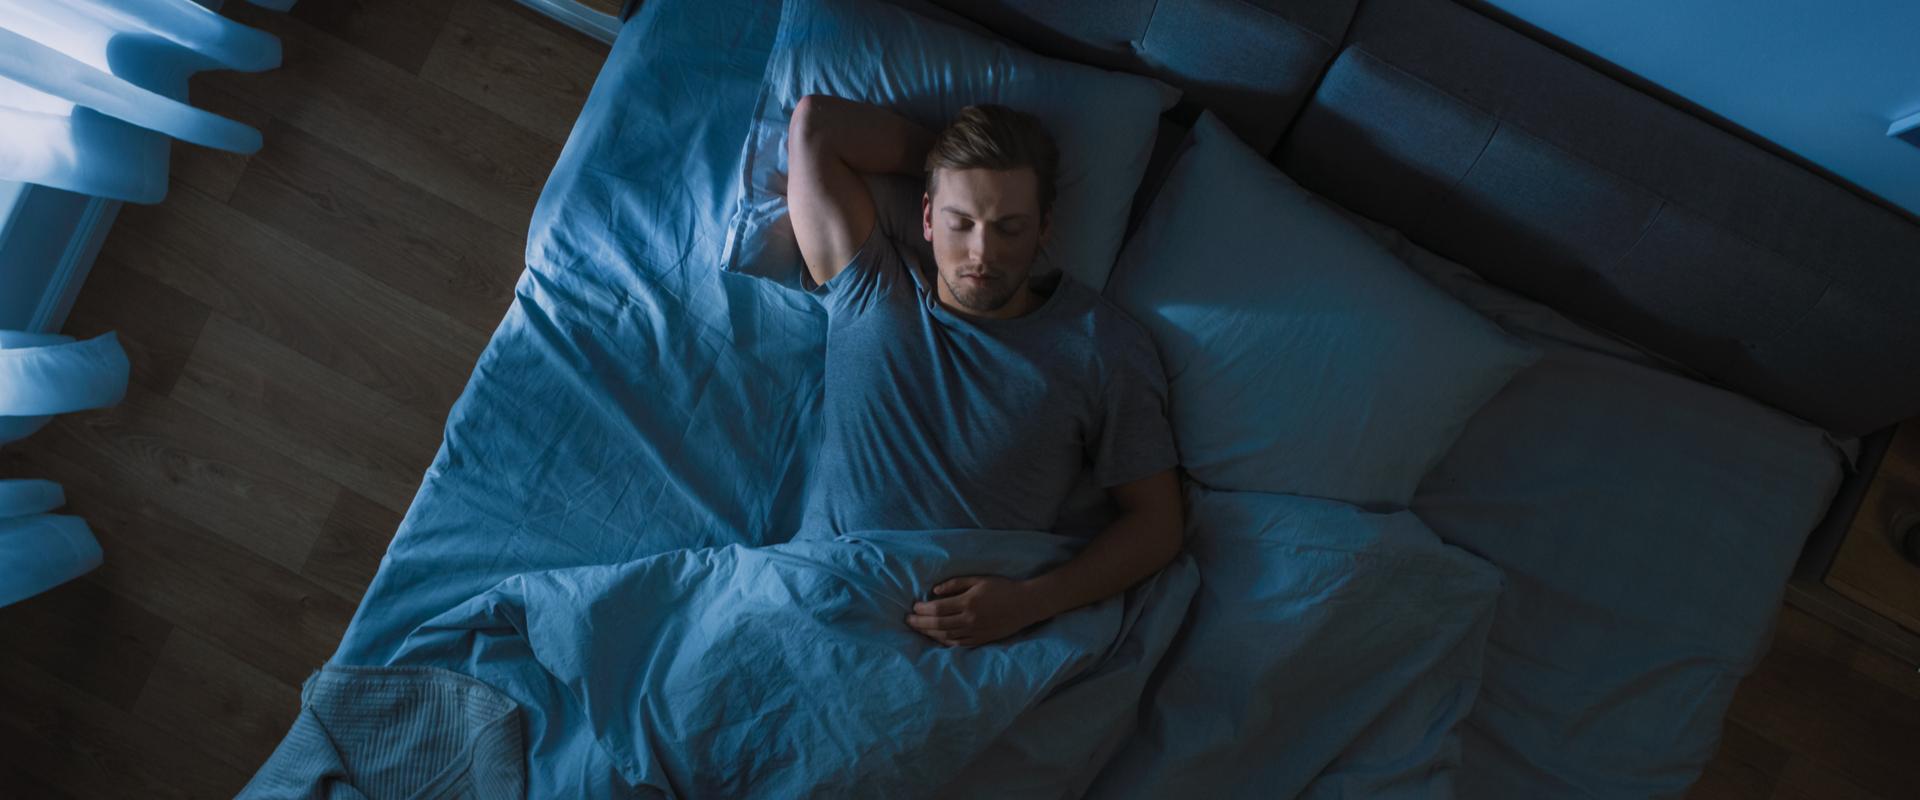 Dormir en una habitación fría